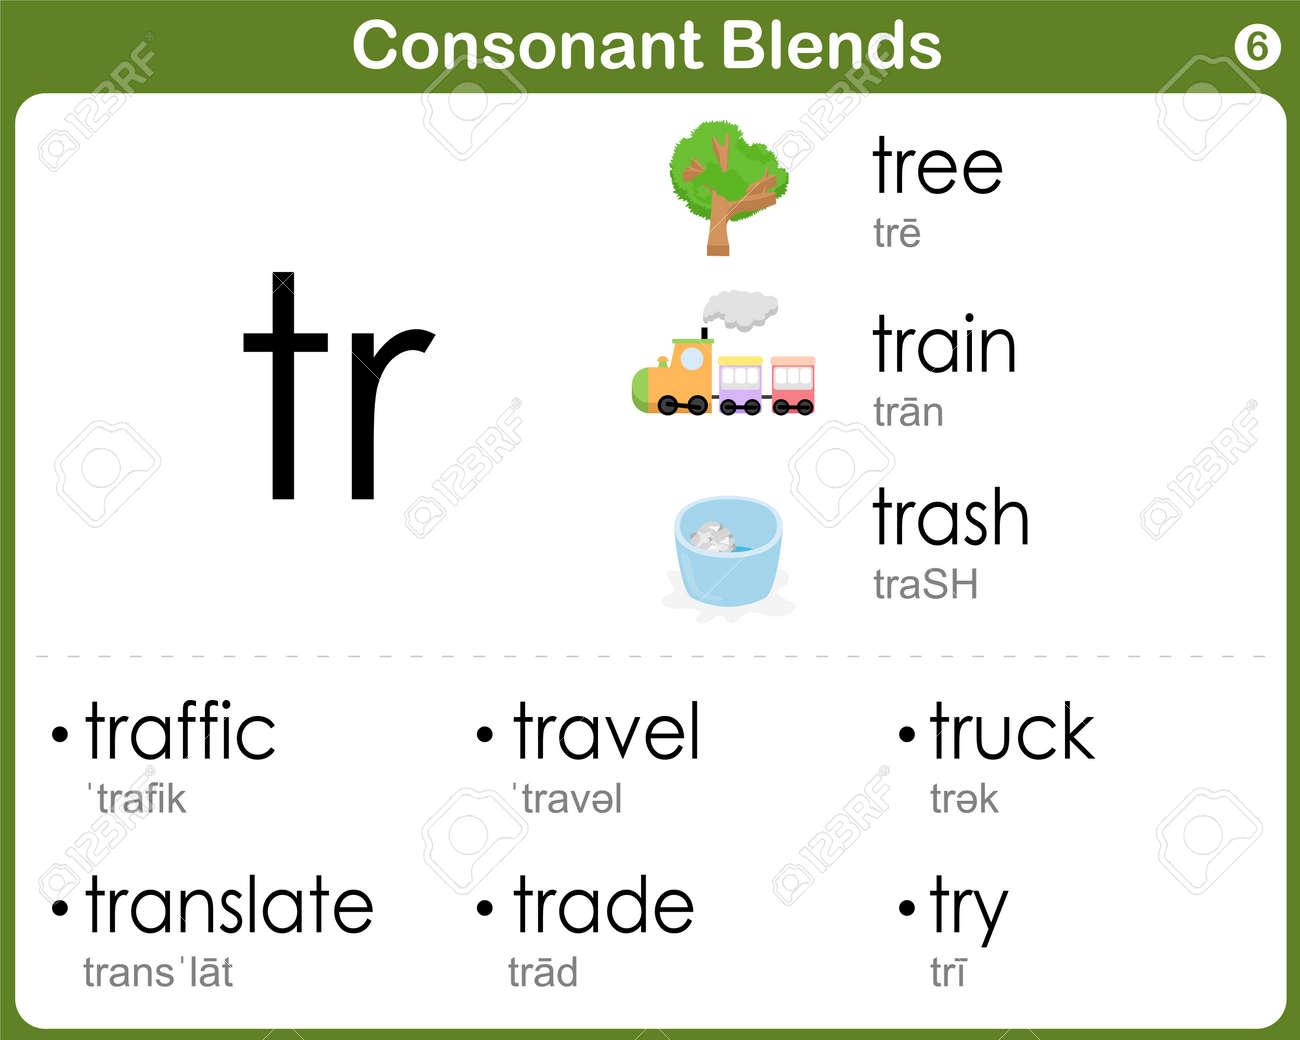 Consonant Blends Worksheet For Kids Royalty Free Cliparts Vectors – Consonant Blends Worksheets for Kindergarten